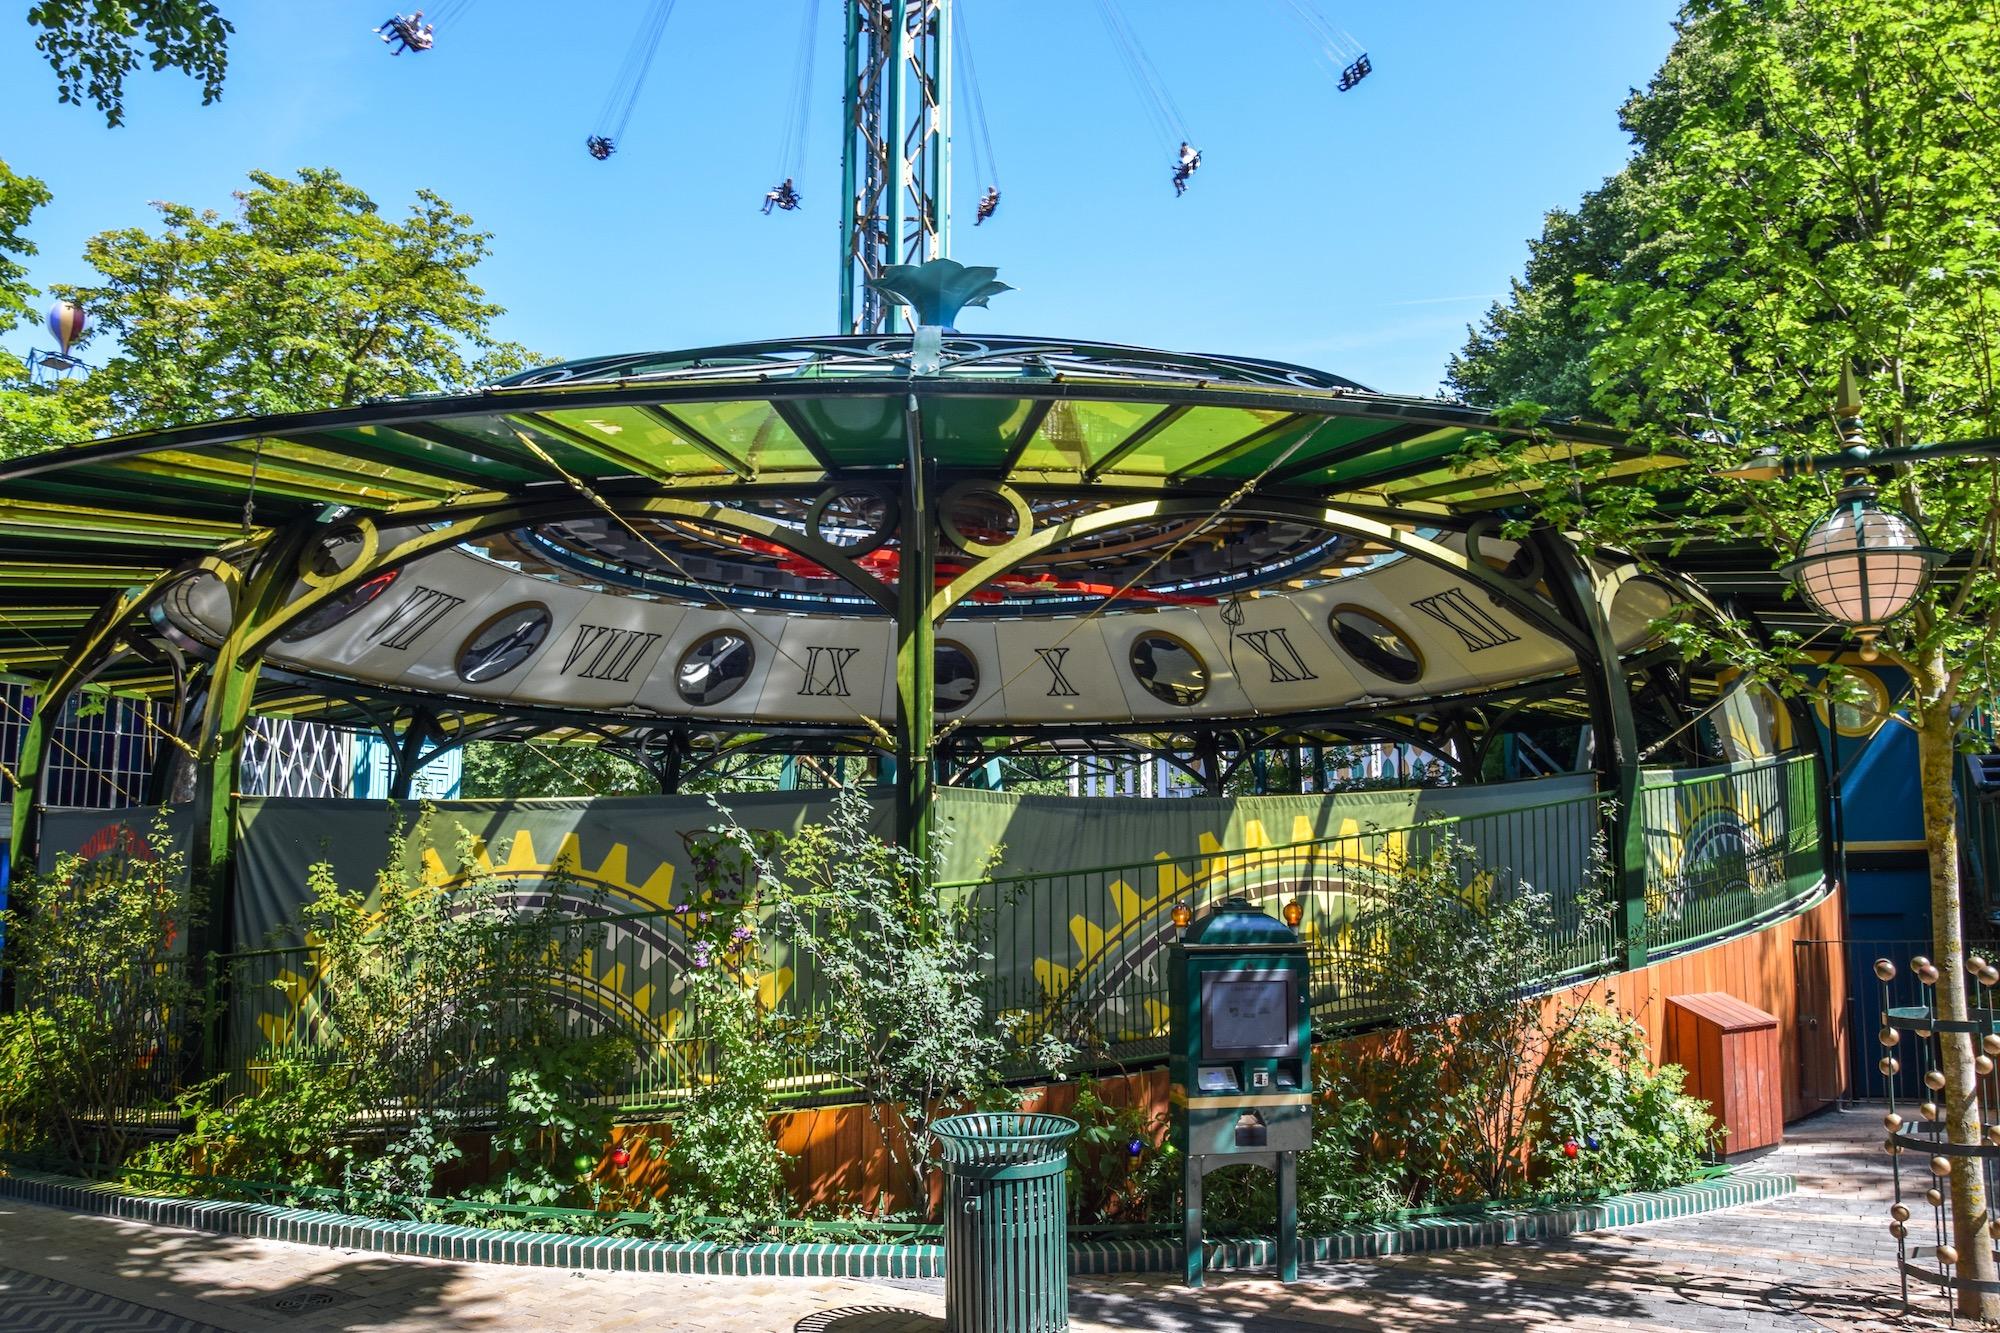 Tik Tak, Tivolis nyeste forlystelse, har kostet 30 millioner kroner og åbner 10. august som afløser for Snurretoppen. Foto: Tivoli.